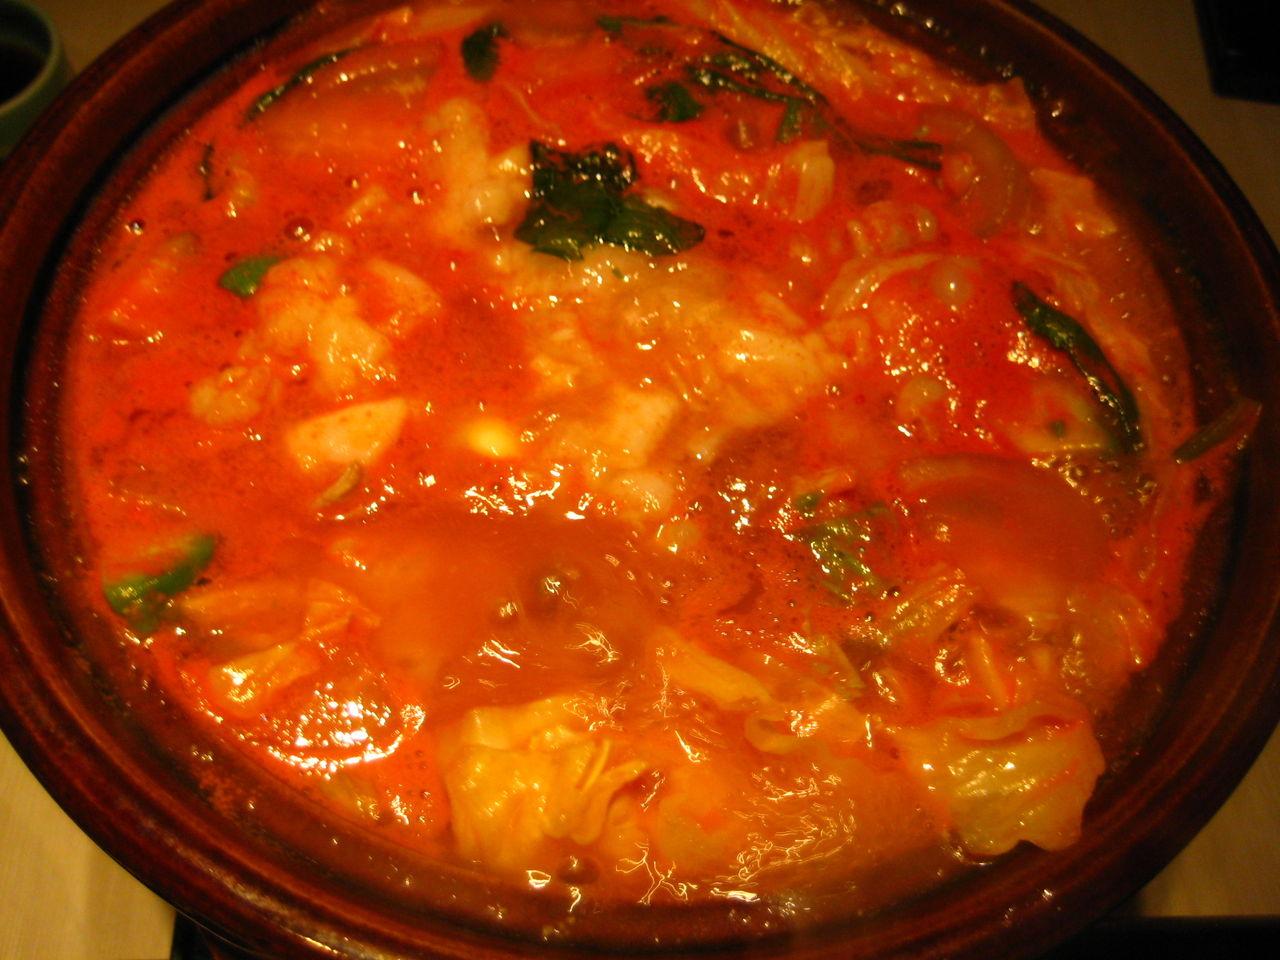 トマトもつ鍋煮えたとこ